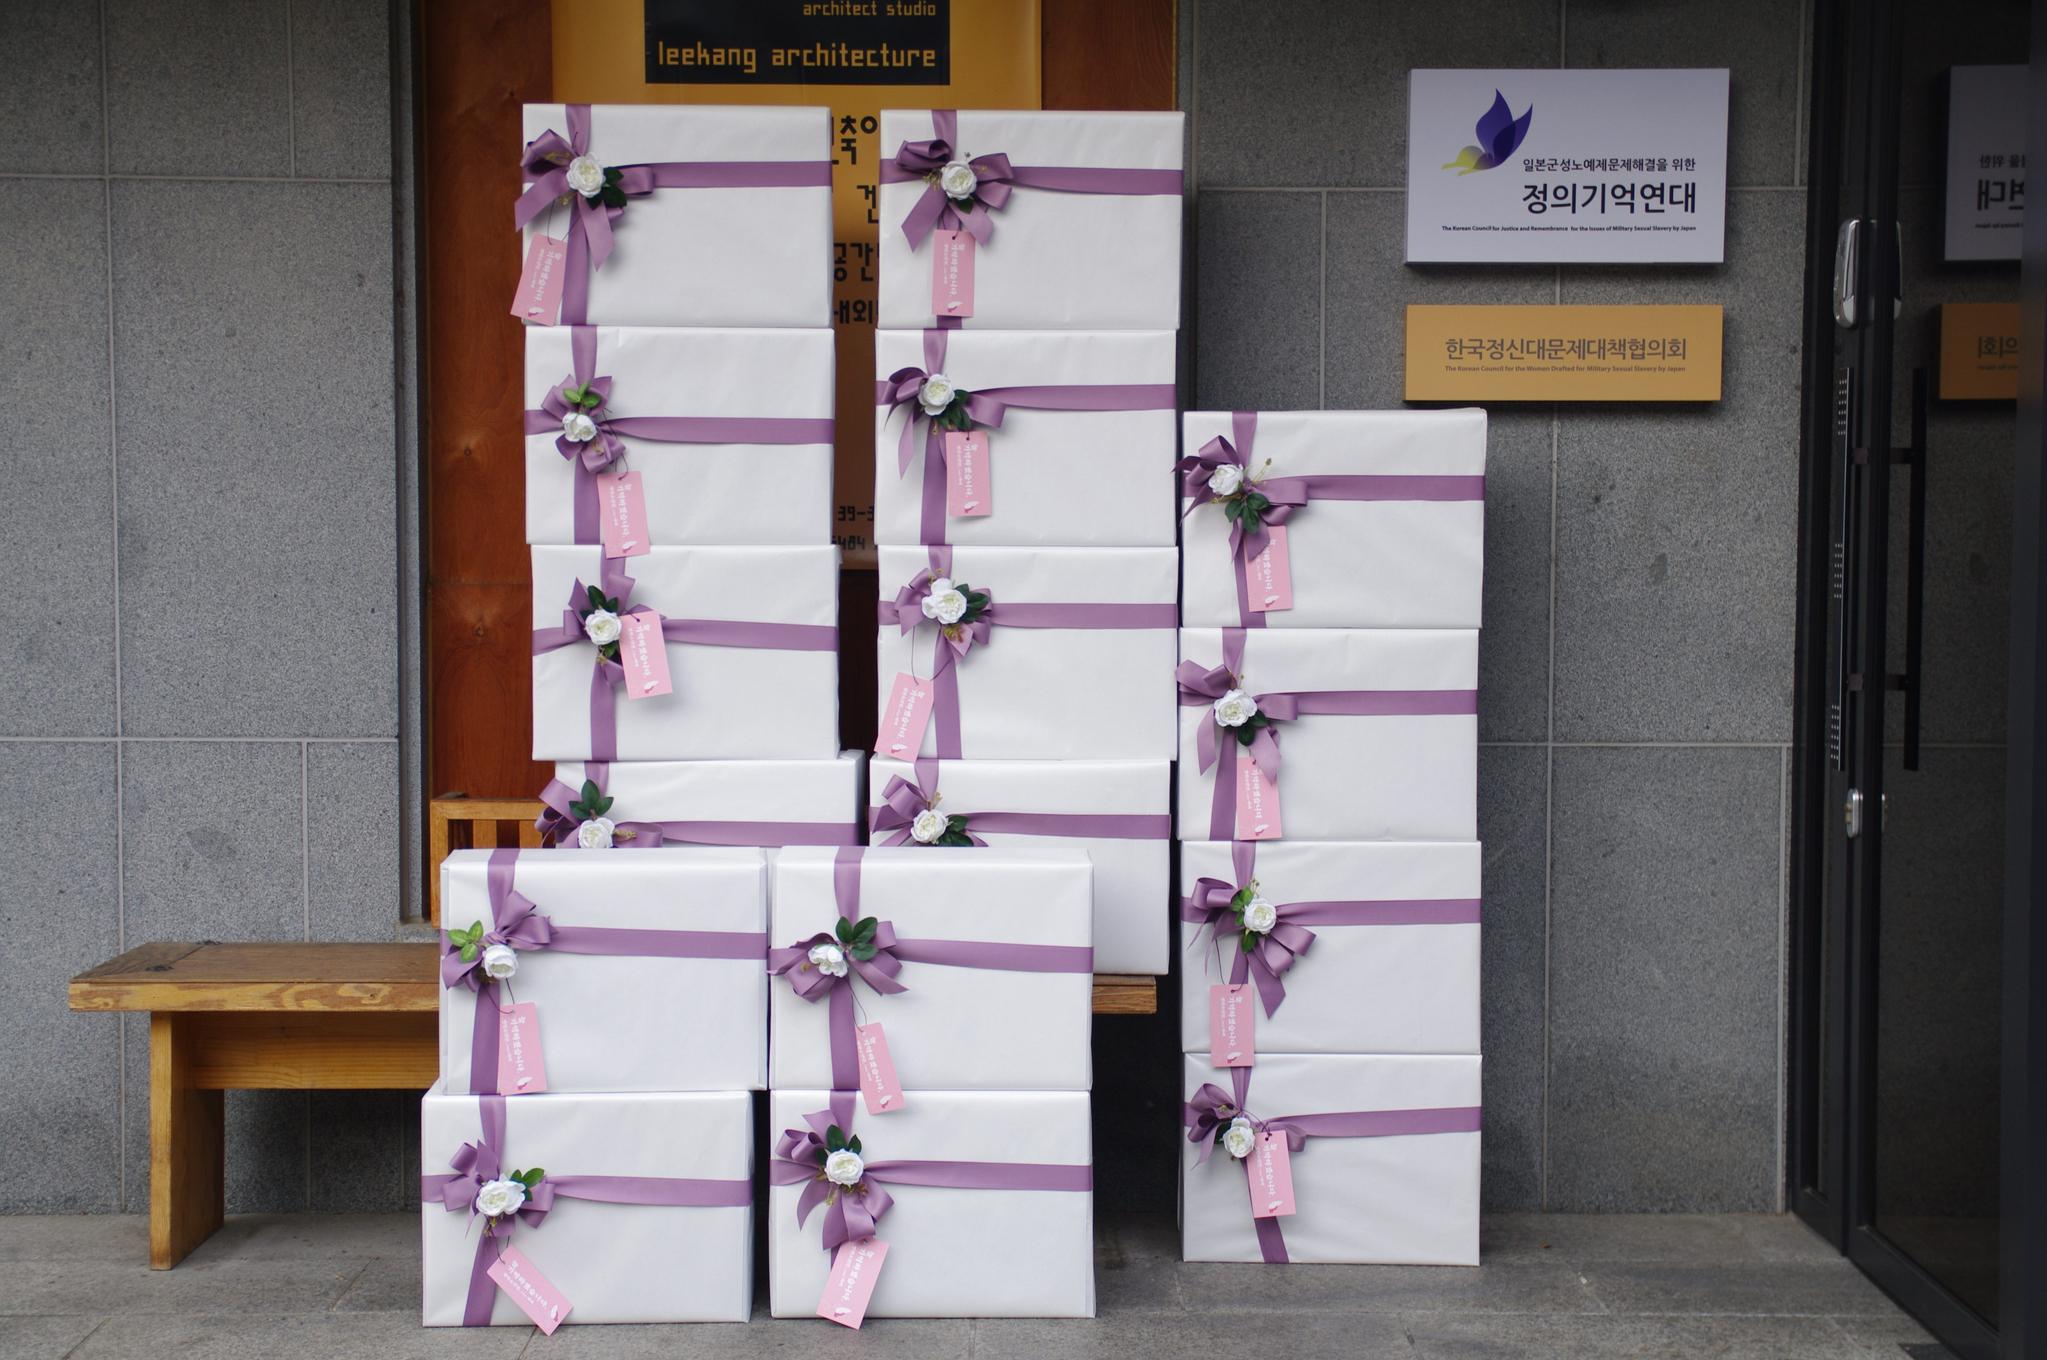 방탄소년단(BTS) 팬클럽 아미(ARMY)가 지난 2018년 12월 16일 정의기억연대 측에 기부한 물건. '아미' 측은 자체 모금한 1100만원으로 구매한 패딩 점퍼와 방한용품을 위안부 피해자 할머니들에게 전달해 달라며 정의연에 기부했다. 정의연은 이튿날 홈페이지에 이런 내용이 담긴 보도자료를 공개했다. [사진 정의기억연대]